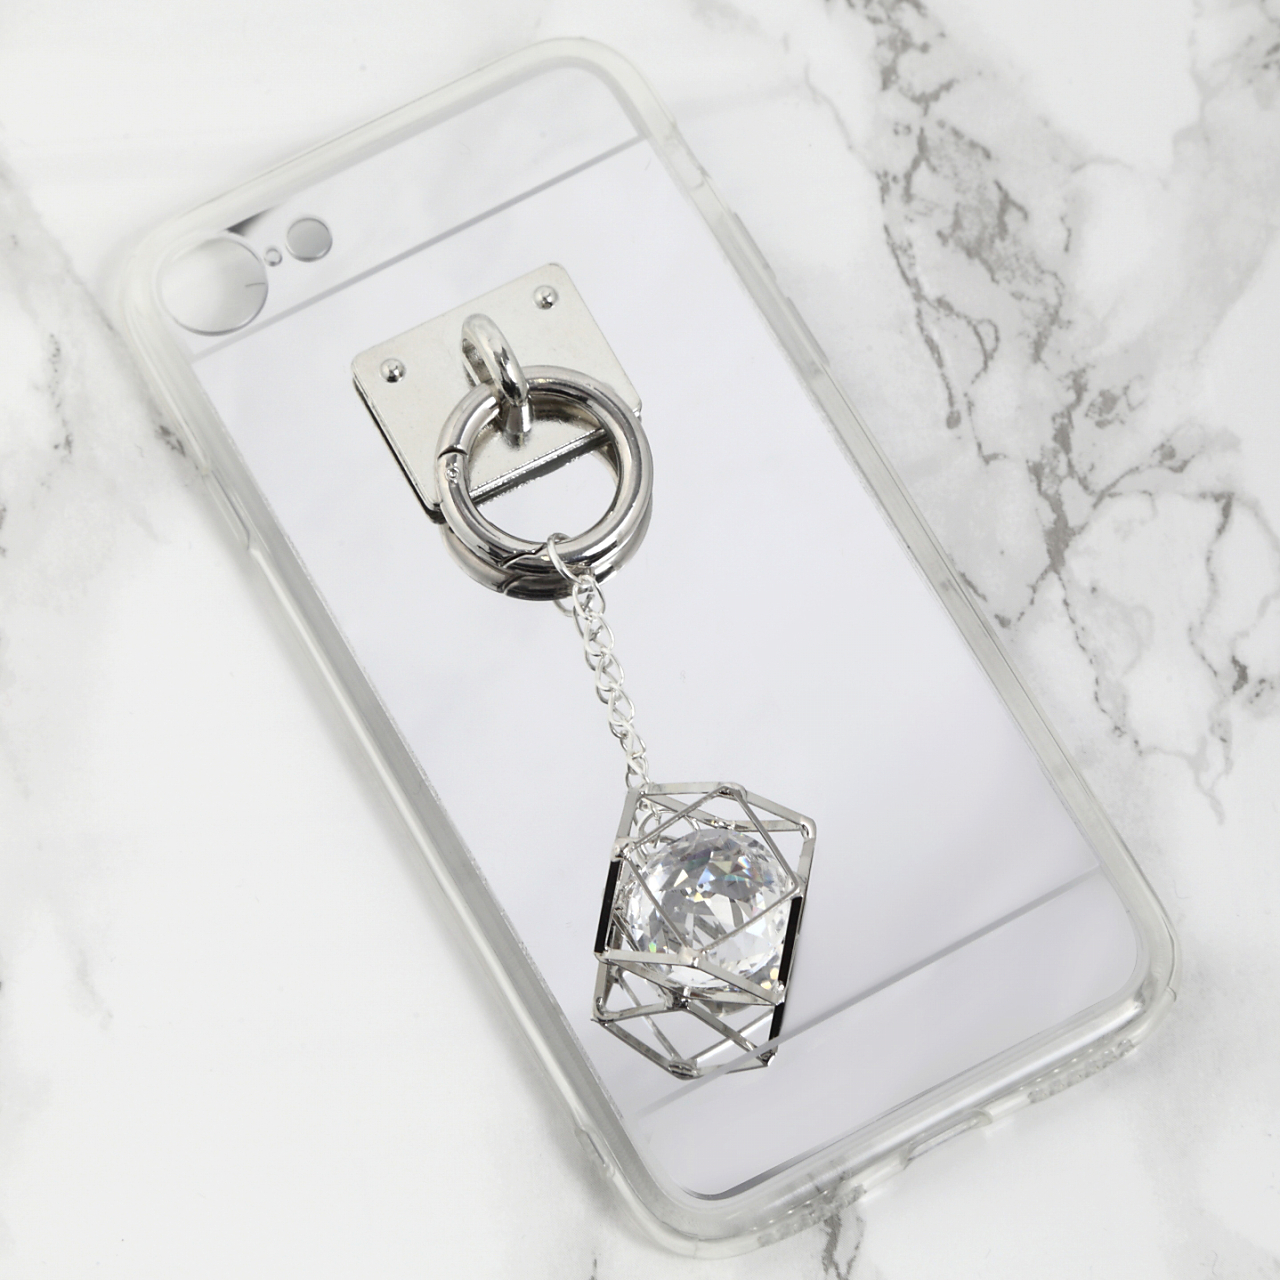 【送料無料】ミラーソフトケース&キラキラシルバーチャーム iPhoneケース